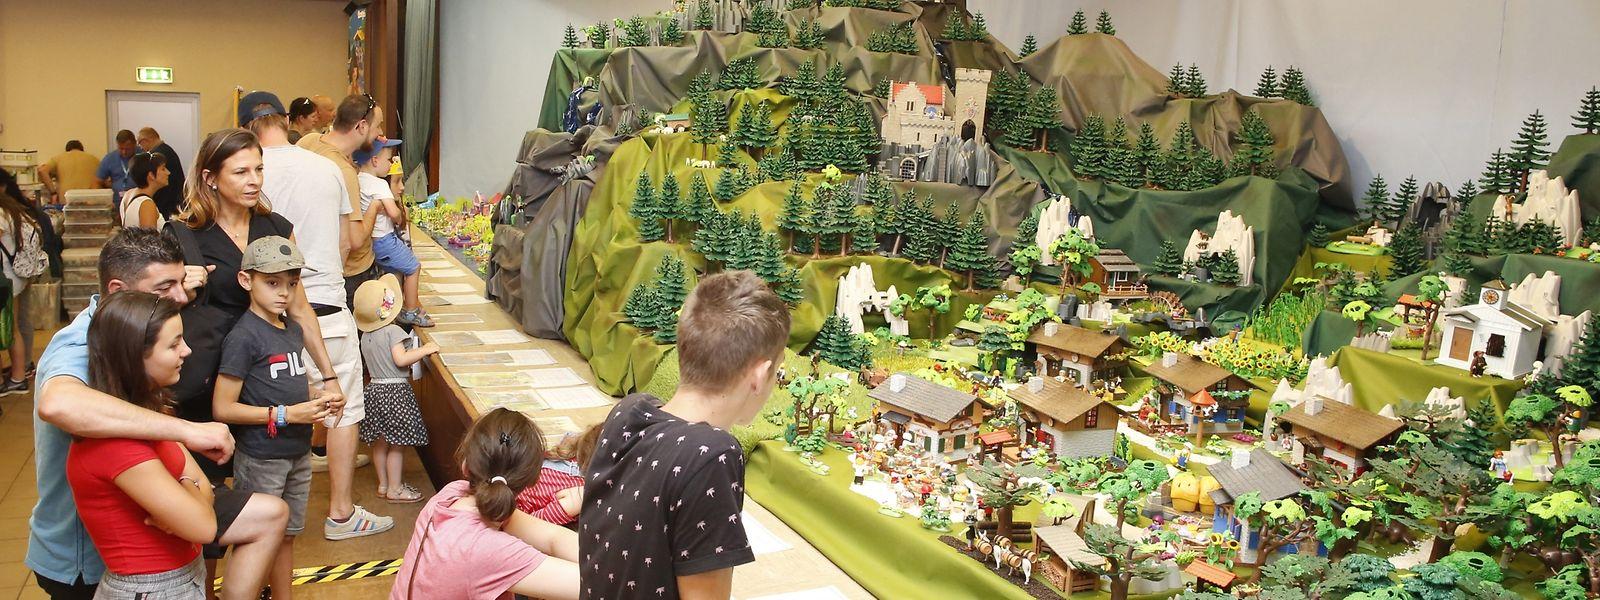 Groß- und Klein finden Gefallen an den aufwendigen Themenwelten ganz aus Playmobil.